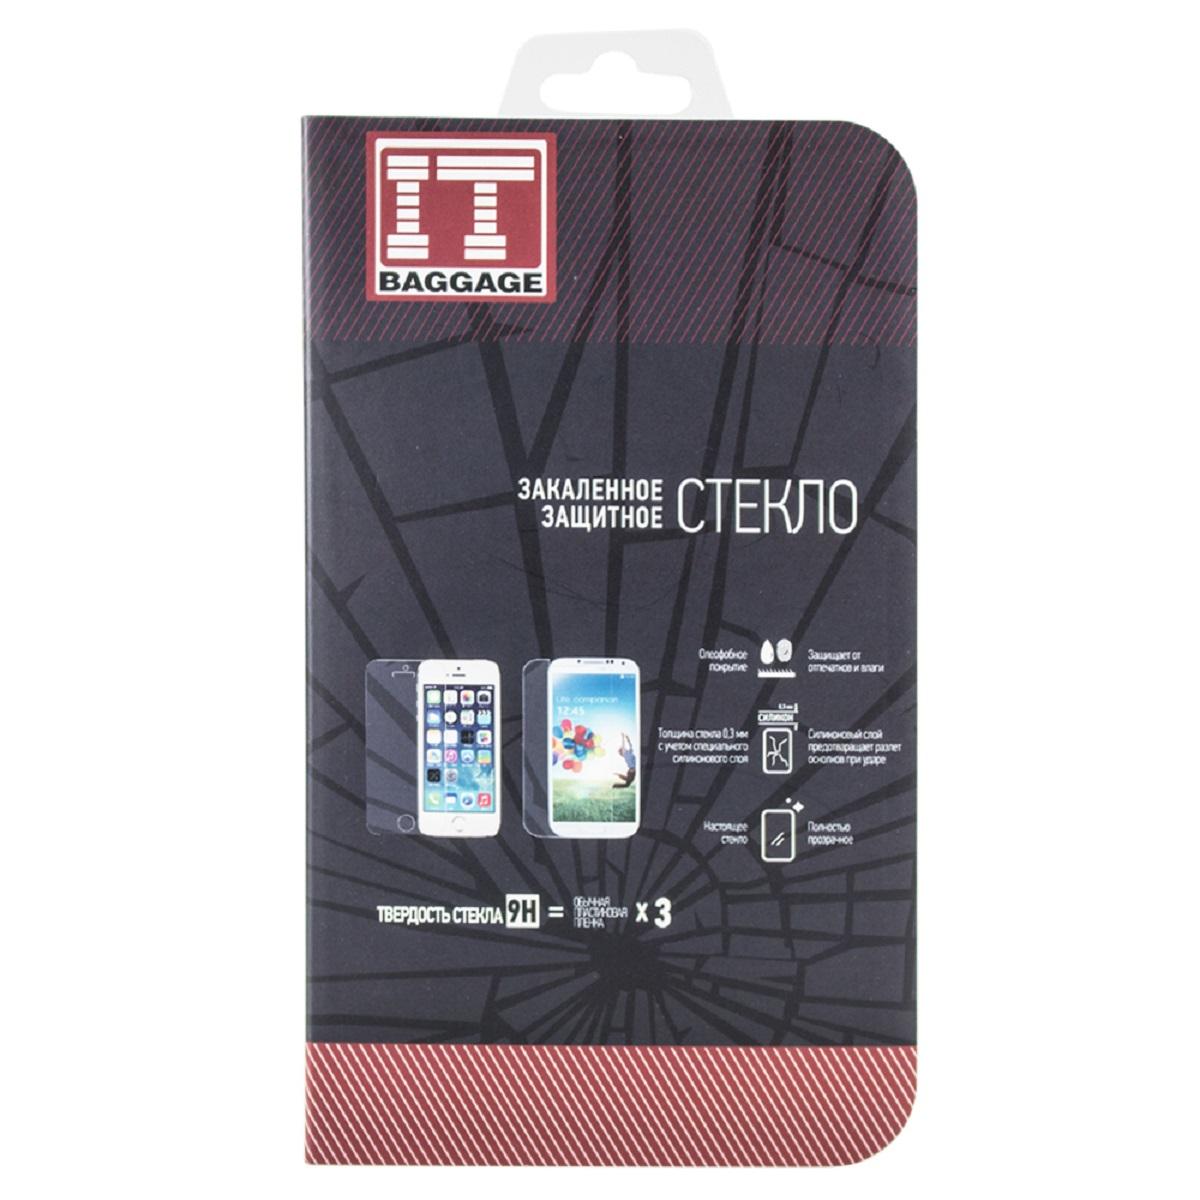 IT Baggage защитное стекло для Xiaomi Mi4ITXMMI4GЗакаленное стекло IT Baggage для Xiaomi Mi4 - это самый верный способ защитить экран от повреждений и загрязнений. Обладает высочайшим уровнем прозрачности и совершенно не влияет на отклик экранного сенсора и качество изображения. Препятствует появлению отпечатков и пятен. Удалить следы жира и косметики с поверхности аксессуара не составить ни какого труда. Характеристики защитного стекла делают его износостойким к таким механическим повреждениям, как царапины, сколы, потертости. При сильном ударе разбившееся стекло не разлетается на осколки, предохраняя вас от порезов, а экран устройства от повреждений. После снятия защитного стекла с поверхности дисплея, на нем не остаются повреждения, такие как потертости и царапины.